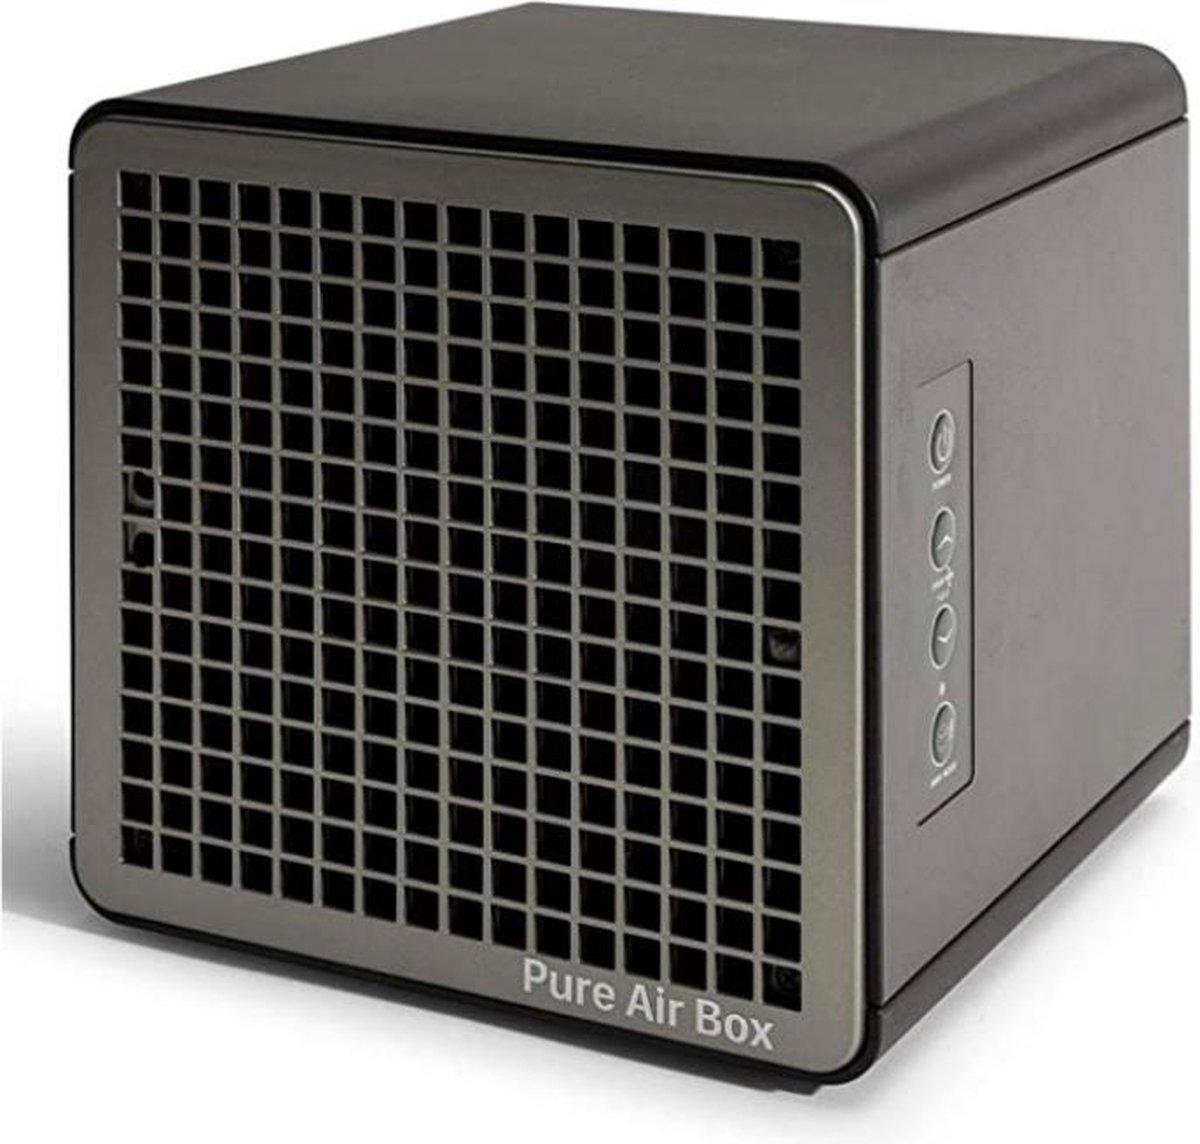 Pure Air Box Series – Luchtreiniger EN LuchtDesinfectie met Ionisator, Reinigt tot 99,9% Uw Omgeving – Compact – Ruimtes tot 140m2 – Woningen en Kantoren/Winkels